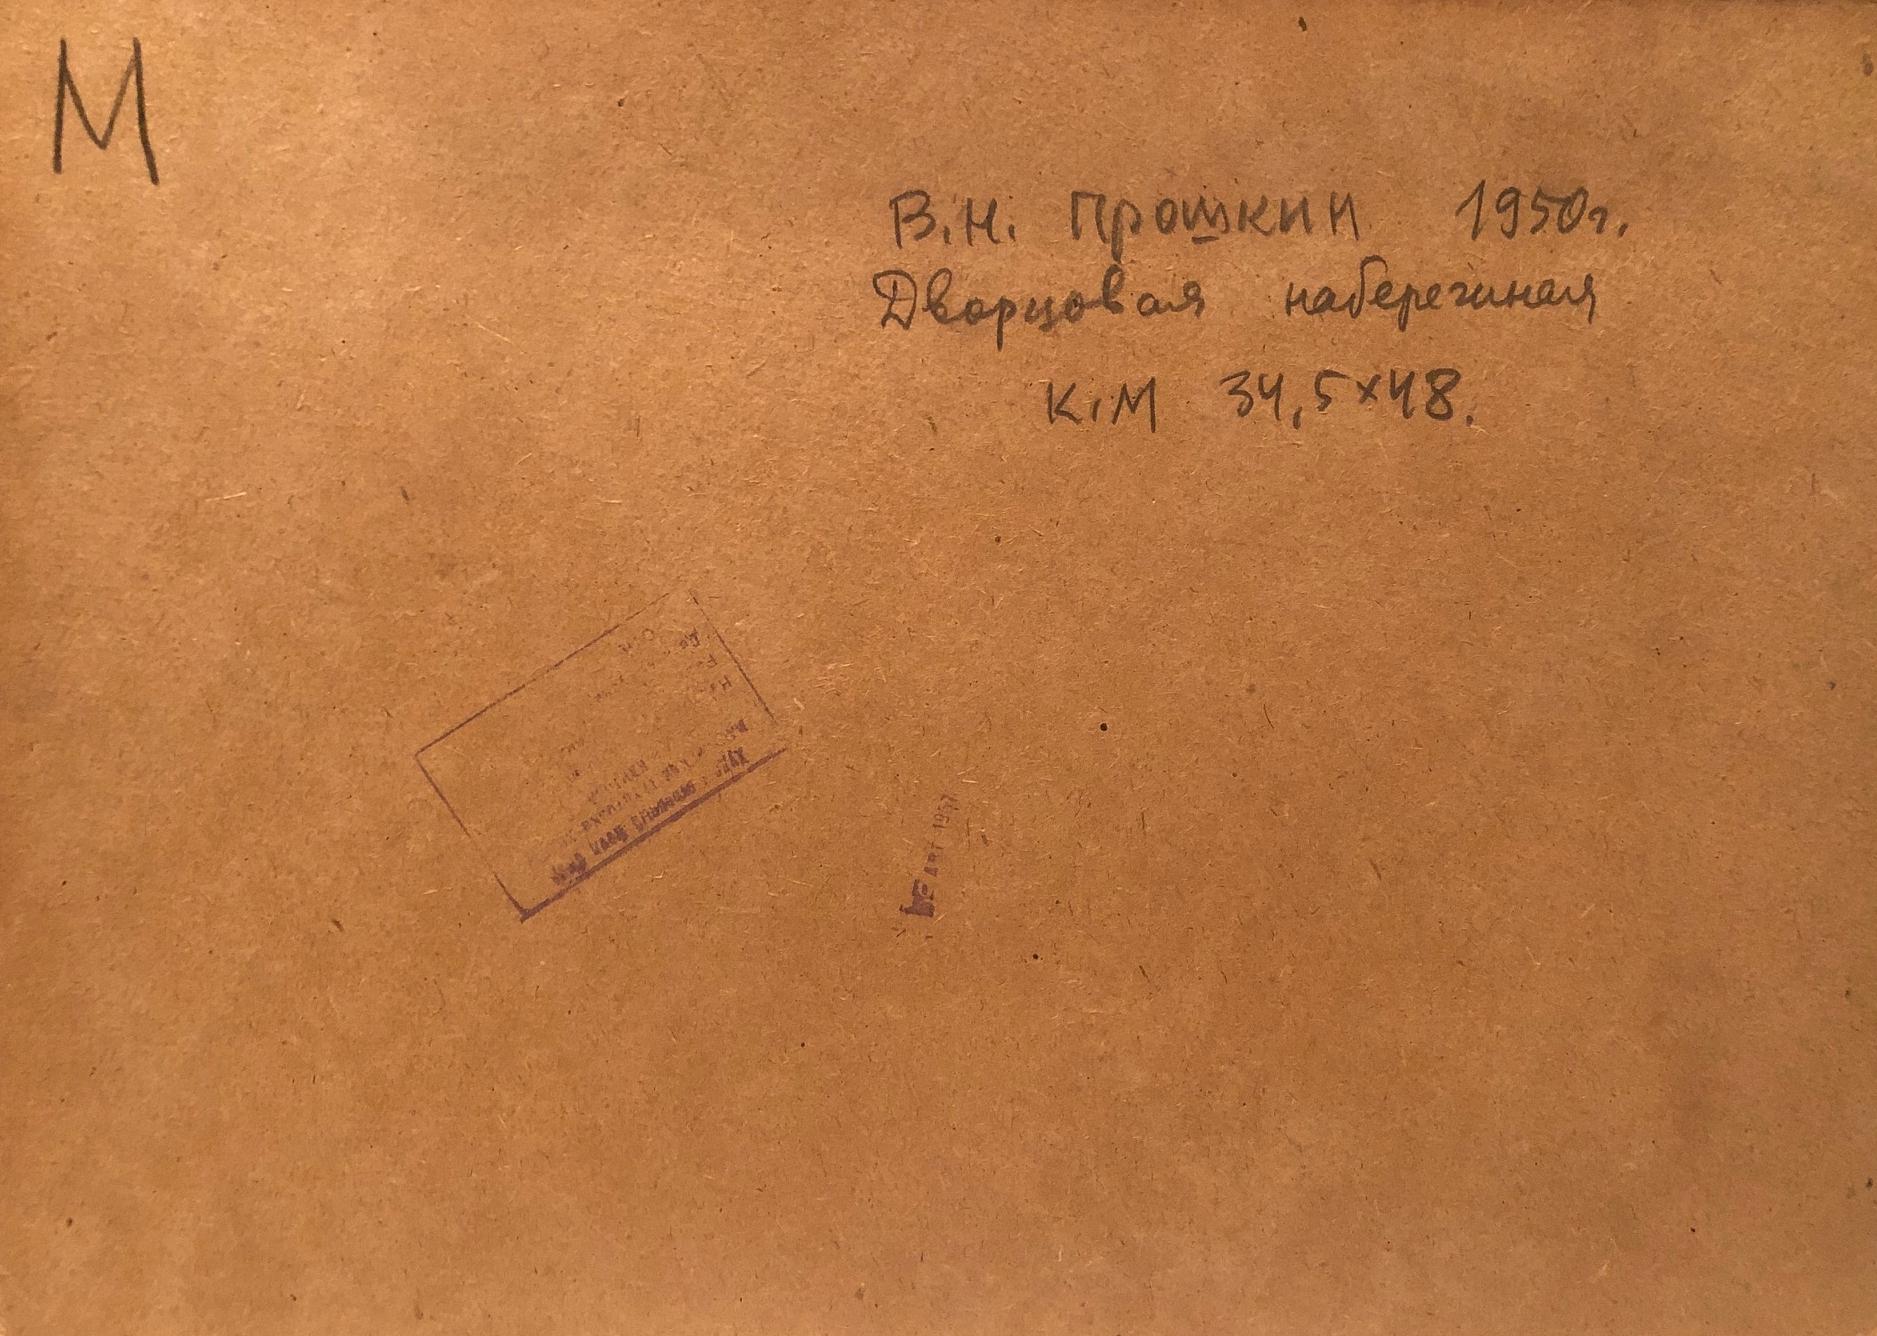 Оборот. Прошкин Виктор Николаевич. Дворцовая набережная